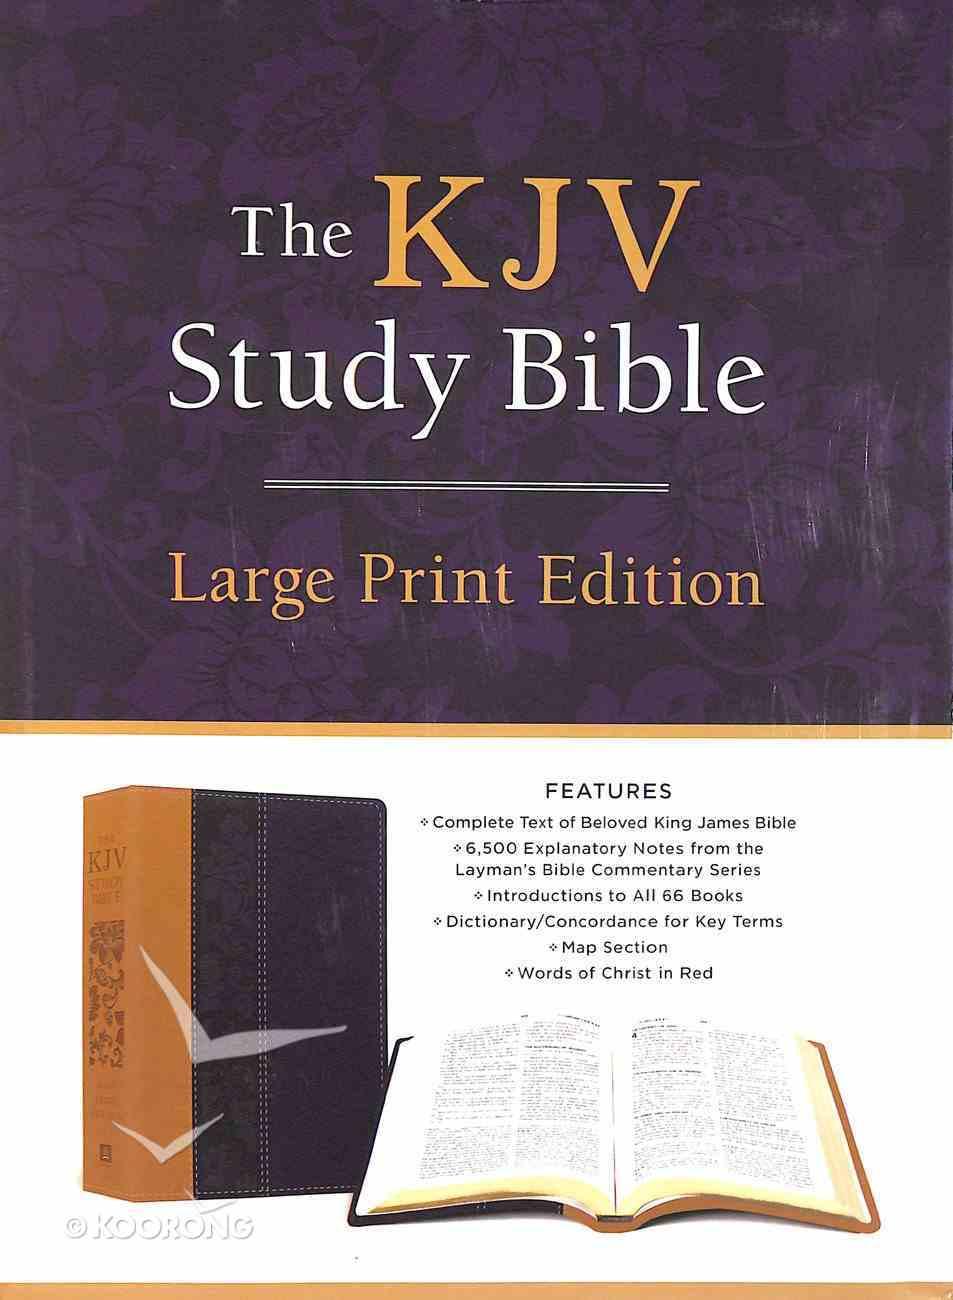 KJV Study Bible Large Print Violet Floret (Red Letter Edition) Imitation Leather